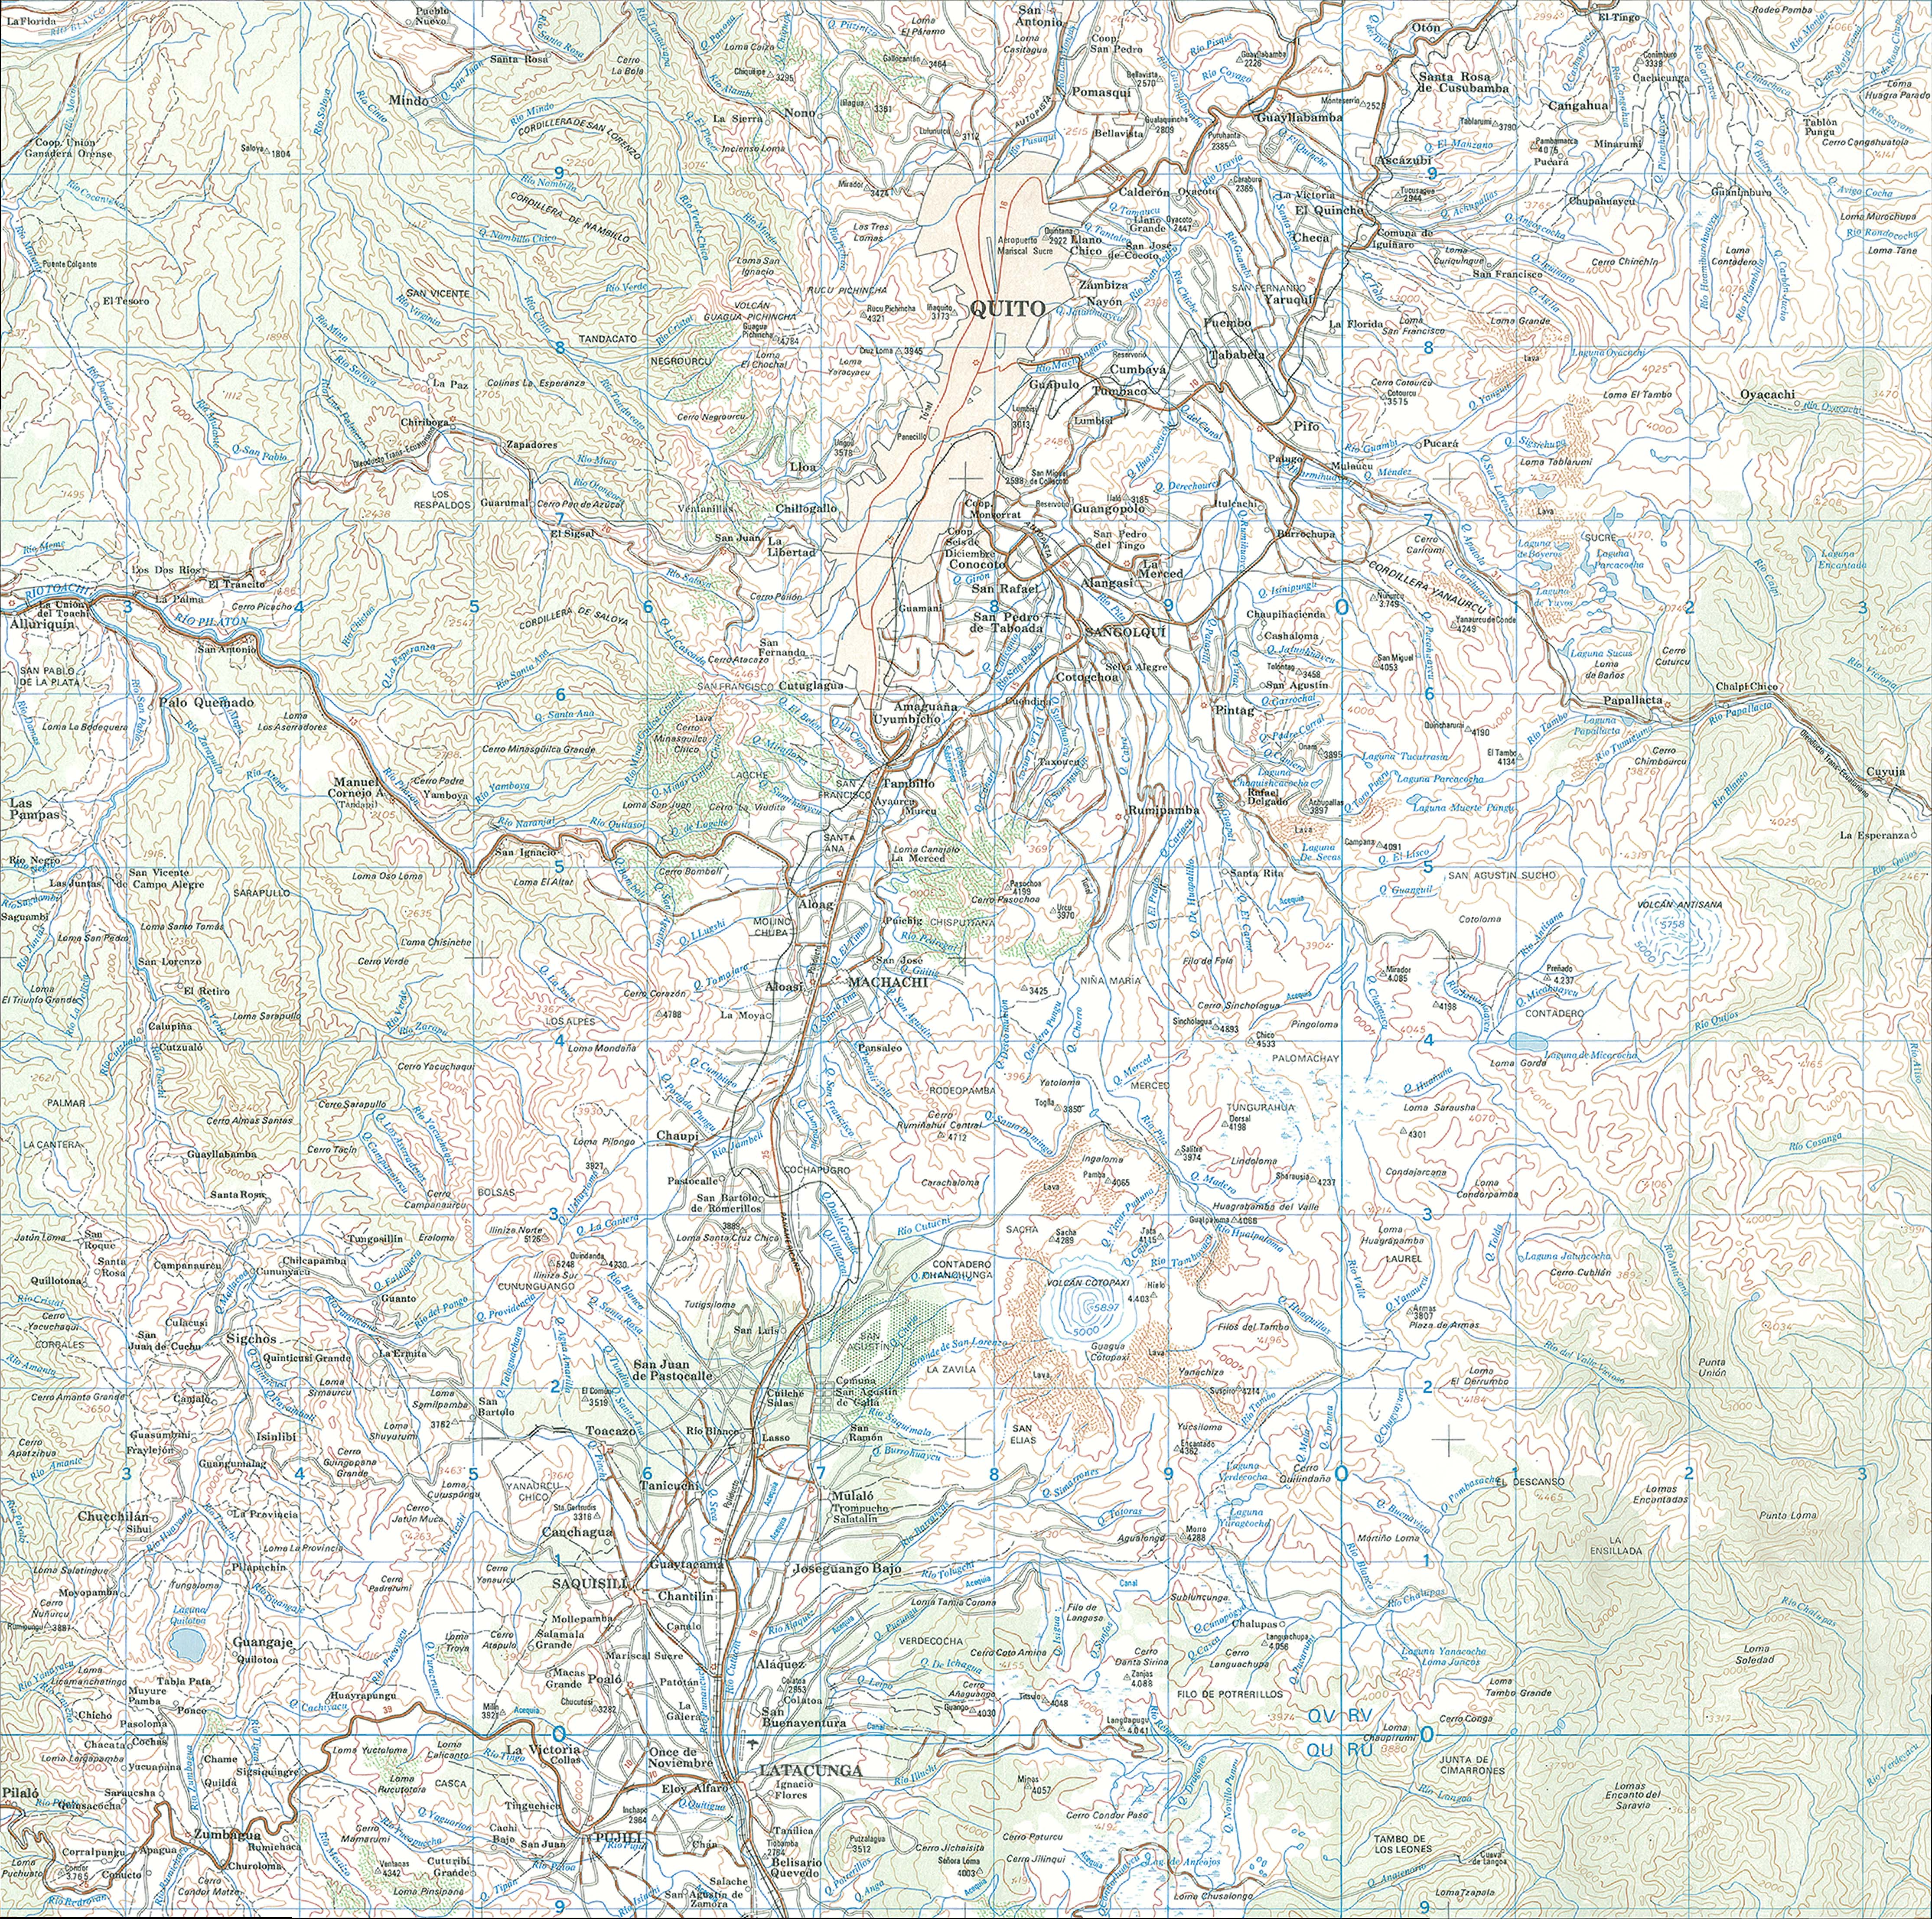 Mapa topográfico de la región de Quito